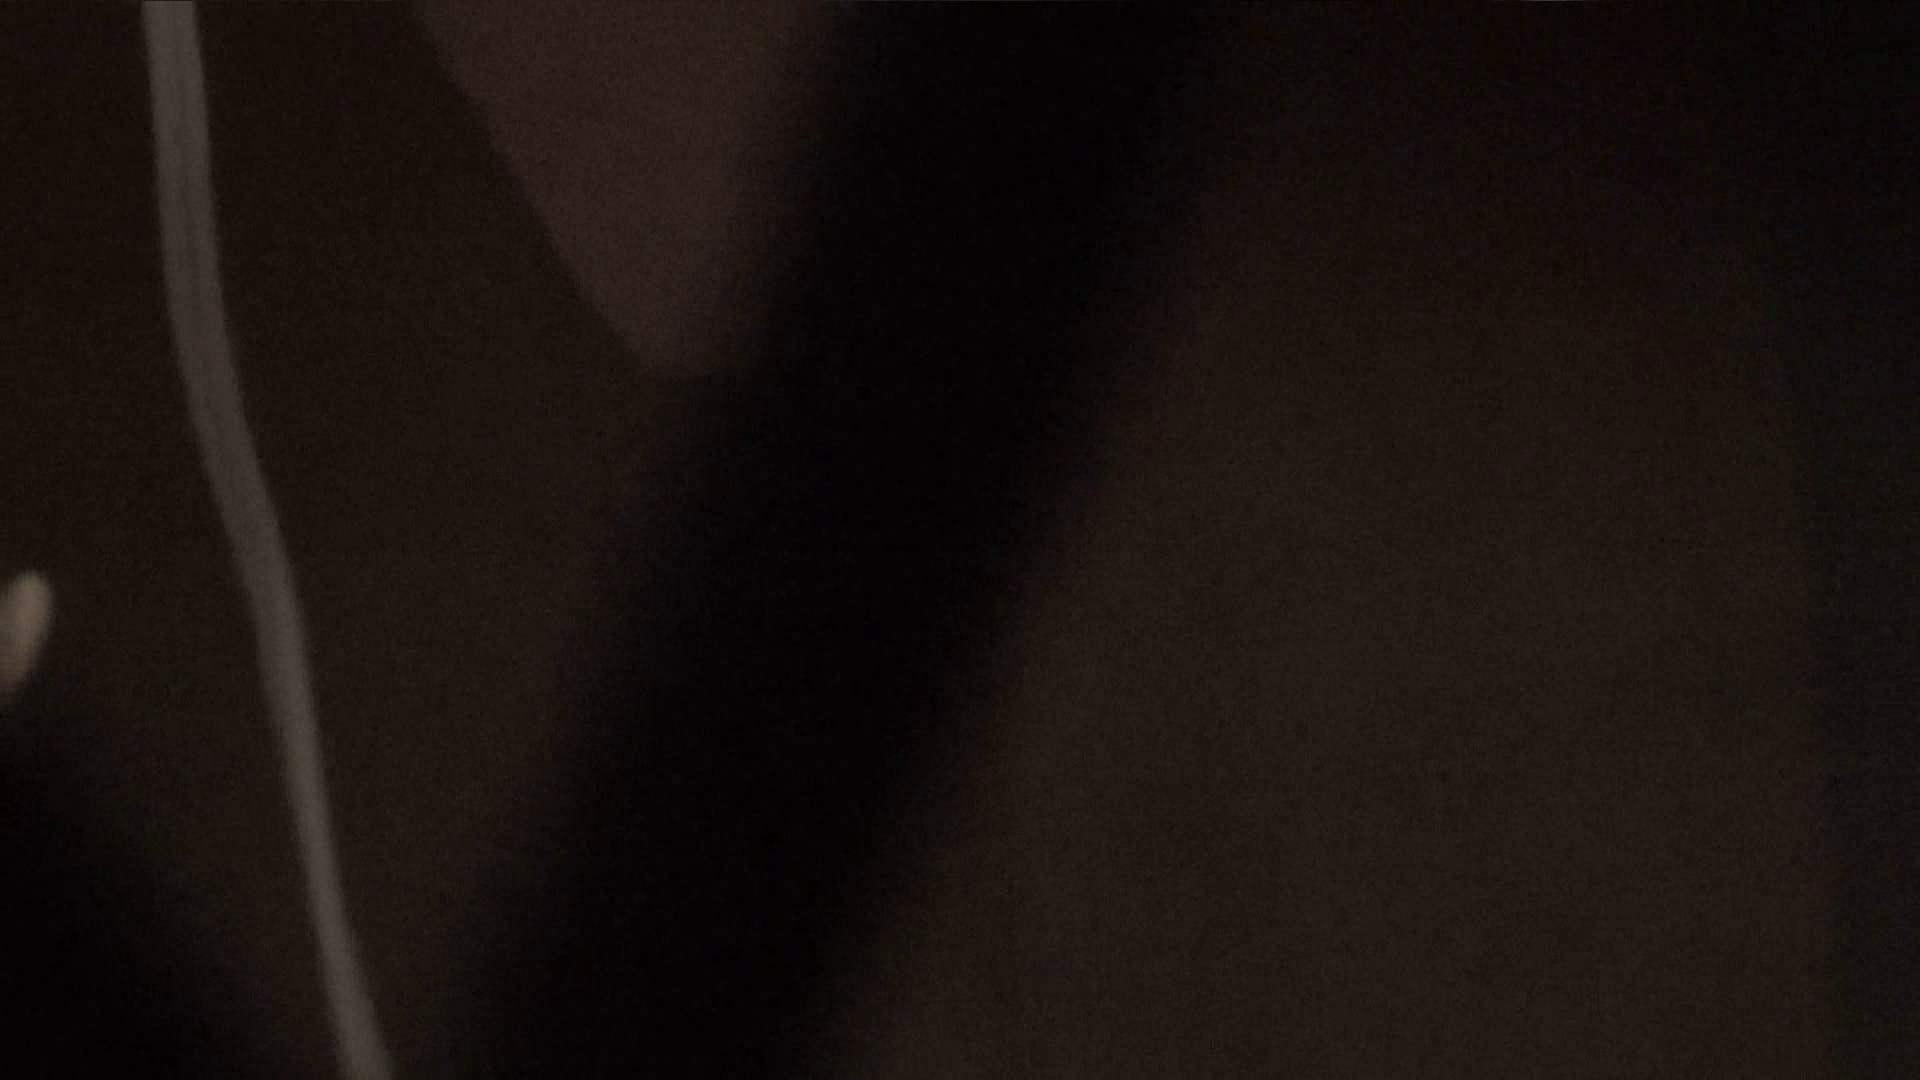 民家の騎士さんの最後の性戦ハイビジョン!!No.65 プライベート 盗撮動画紹介 89画像 27